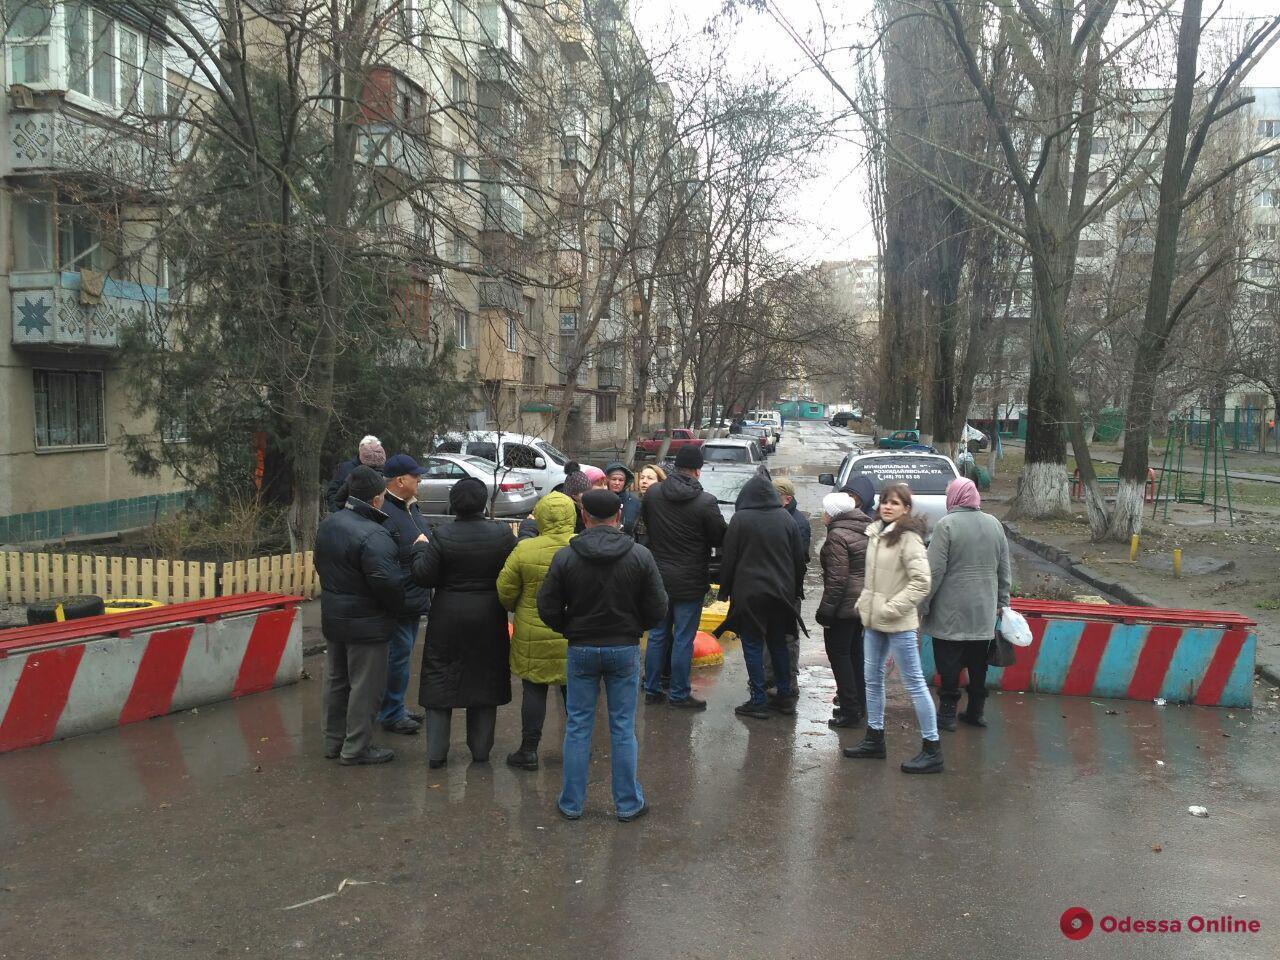 Снос бетонных блоков: жители проспекта Небесной сотни блокировали демонтаж (фото, видео)